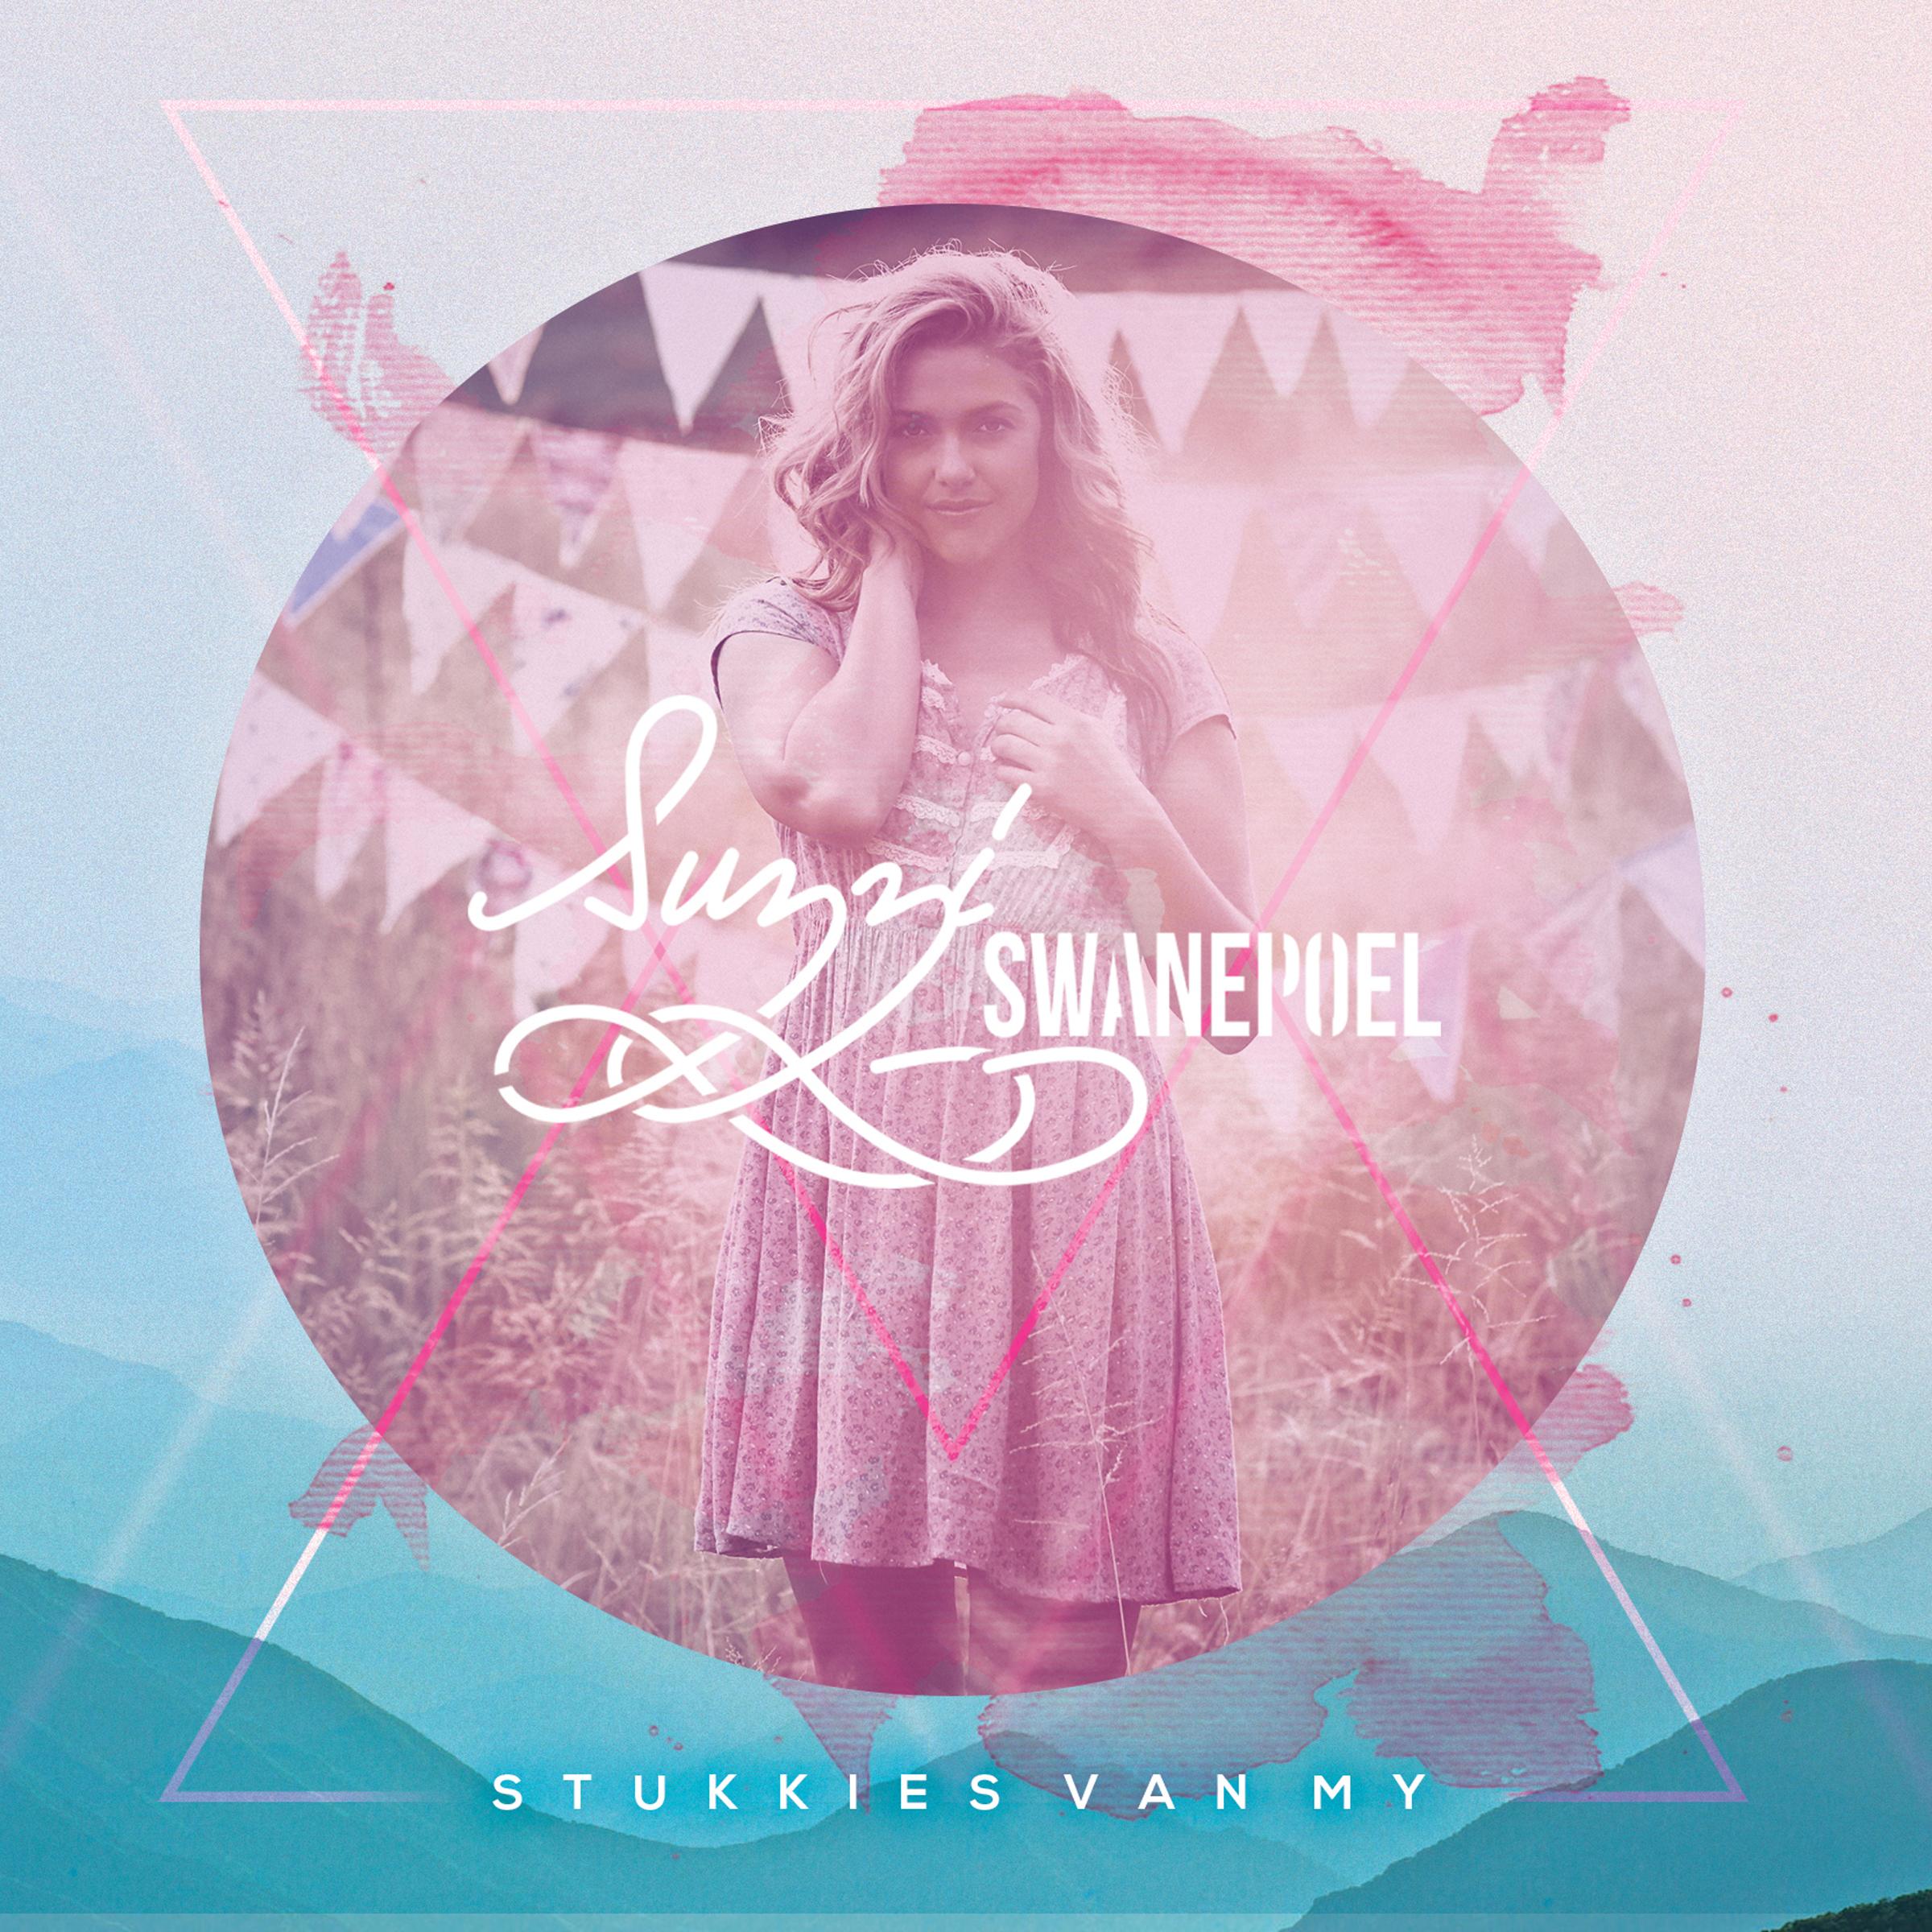 Suzzi Swanepoel